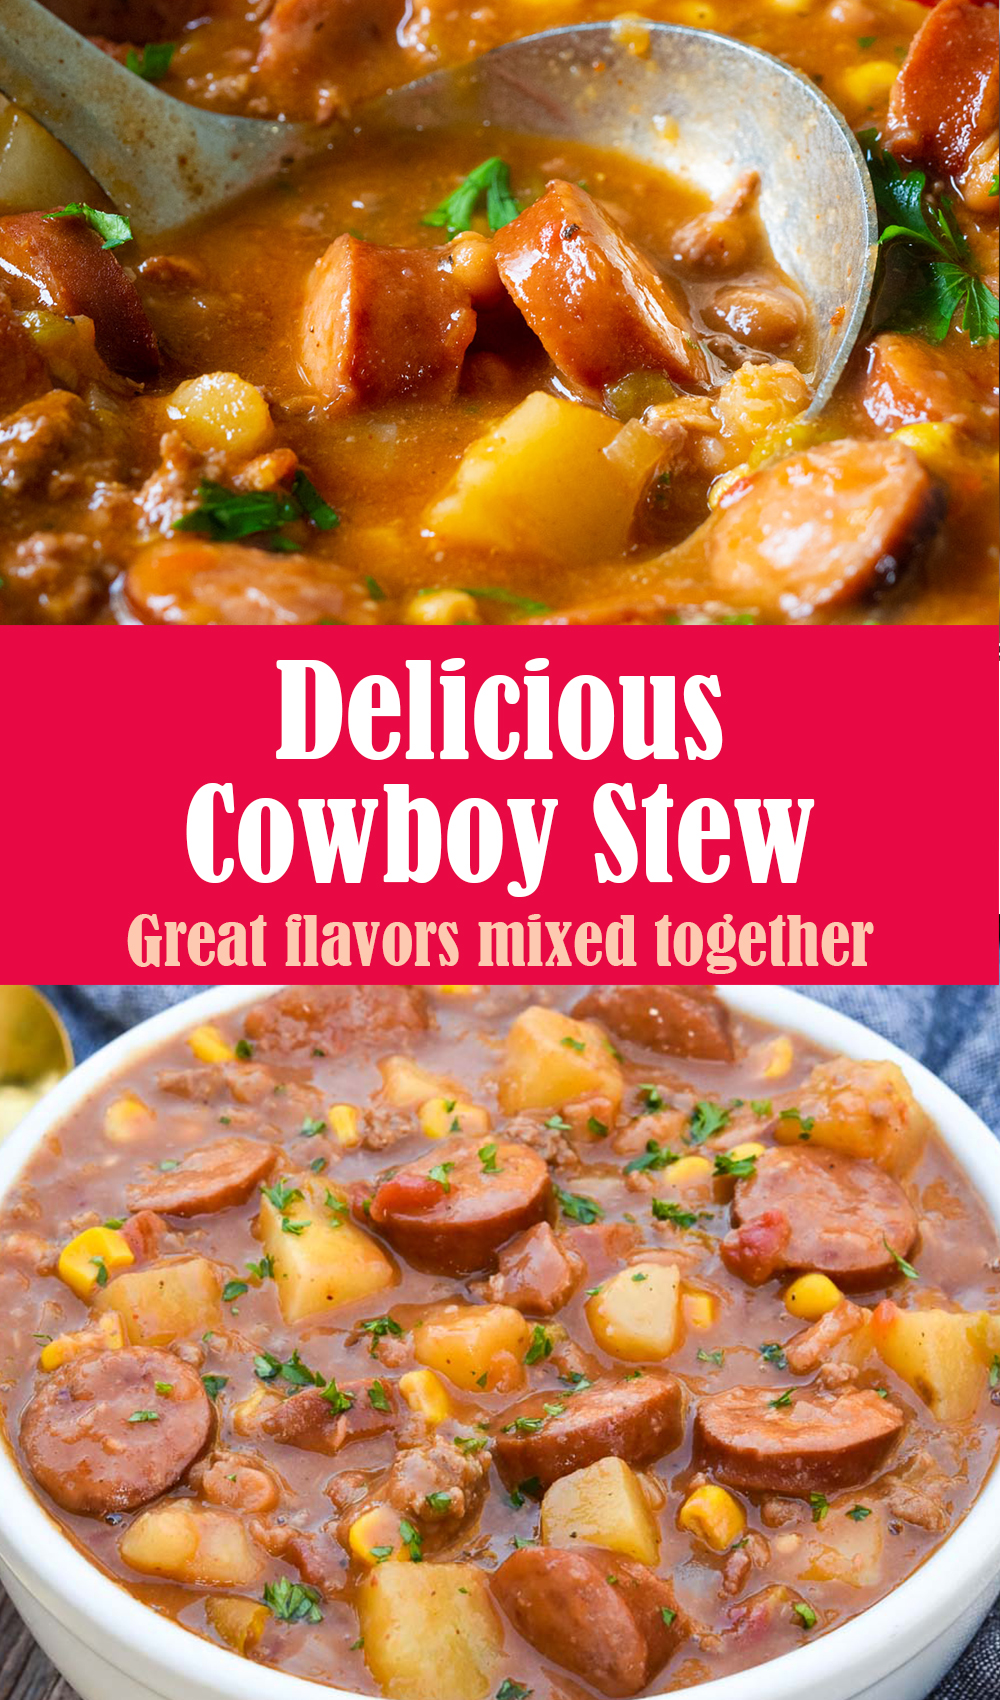 Delicious Cowboy Stew Recipe